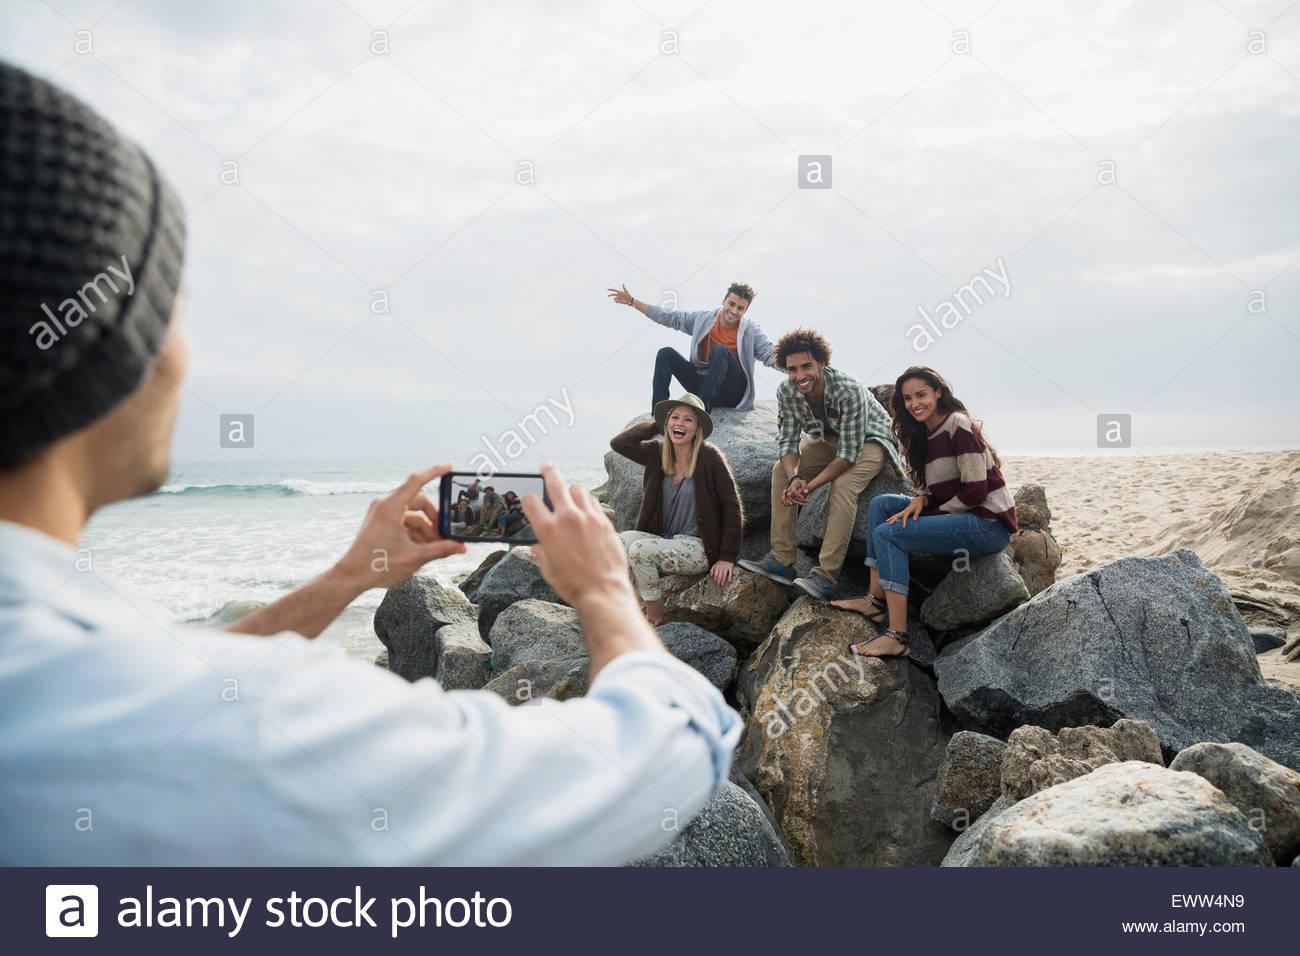 Amigos posando para la fotografía de rocas de la playa Imagen De Stock